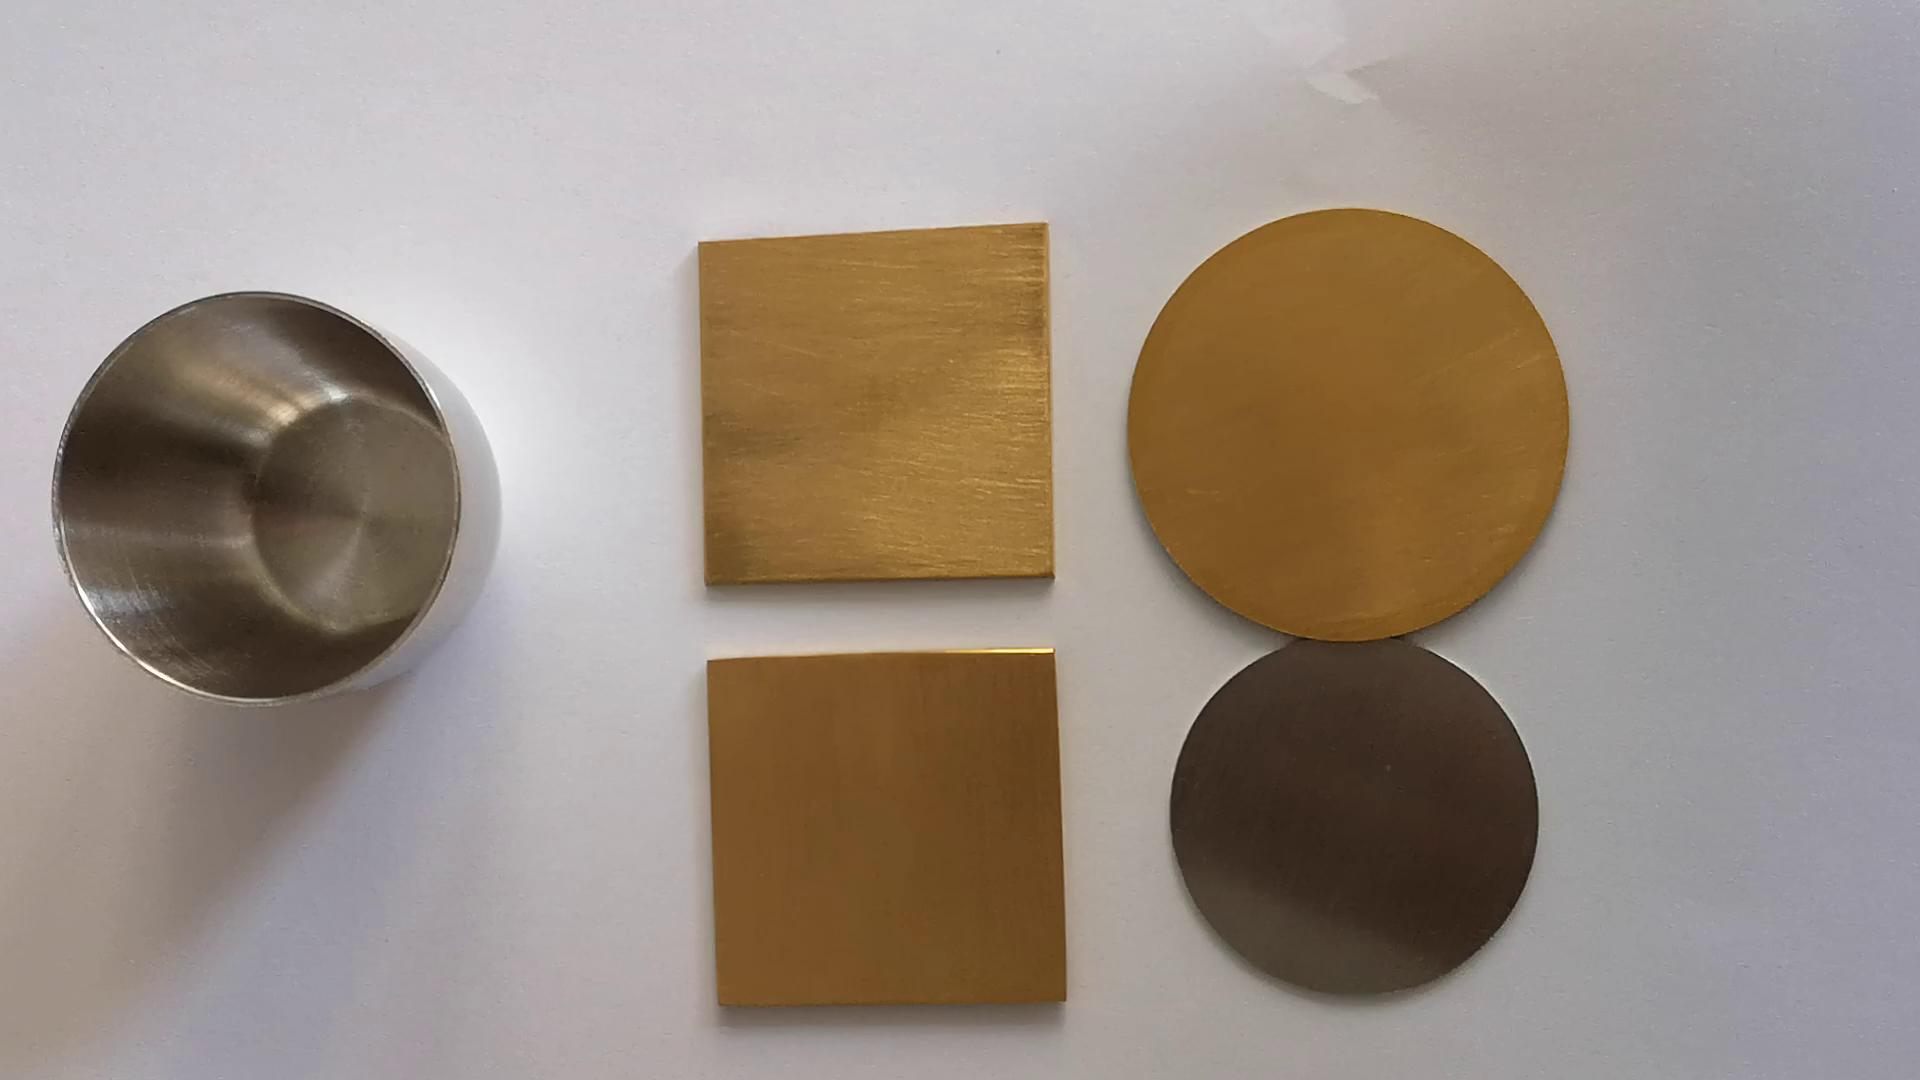 金系列産品(Au)